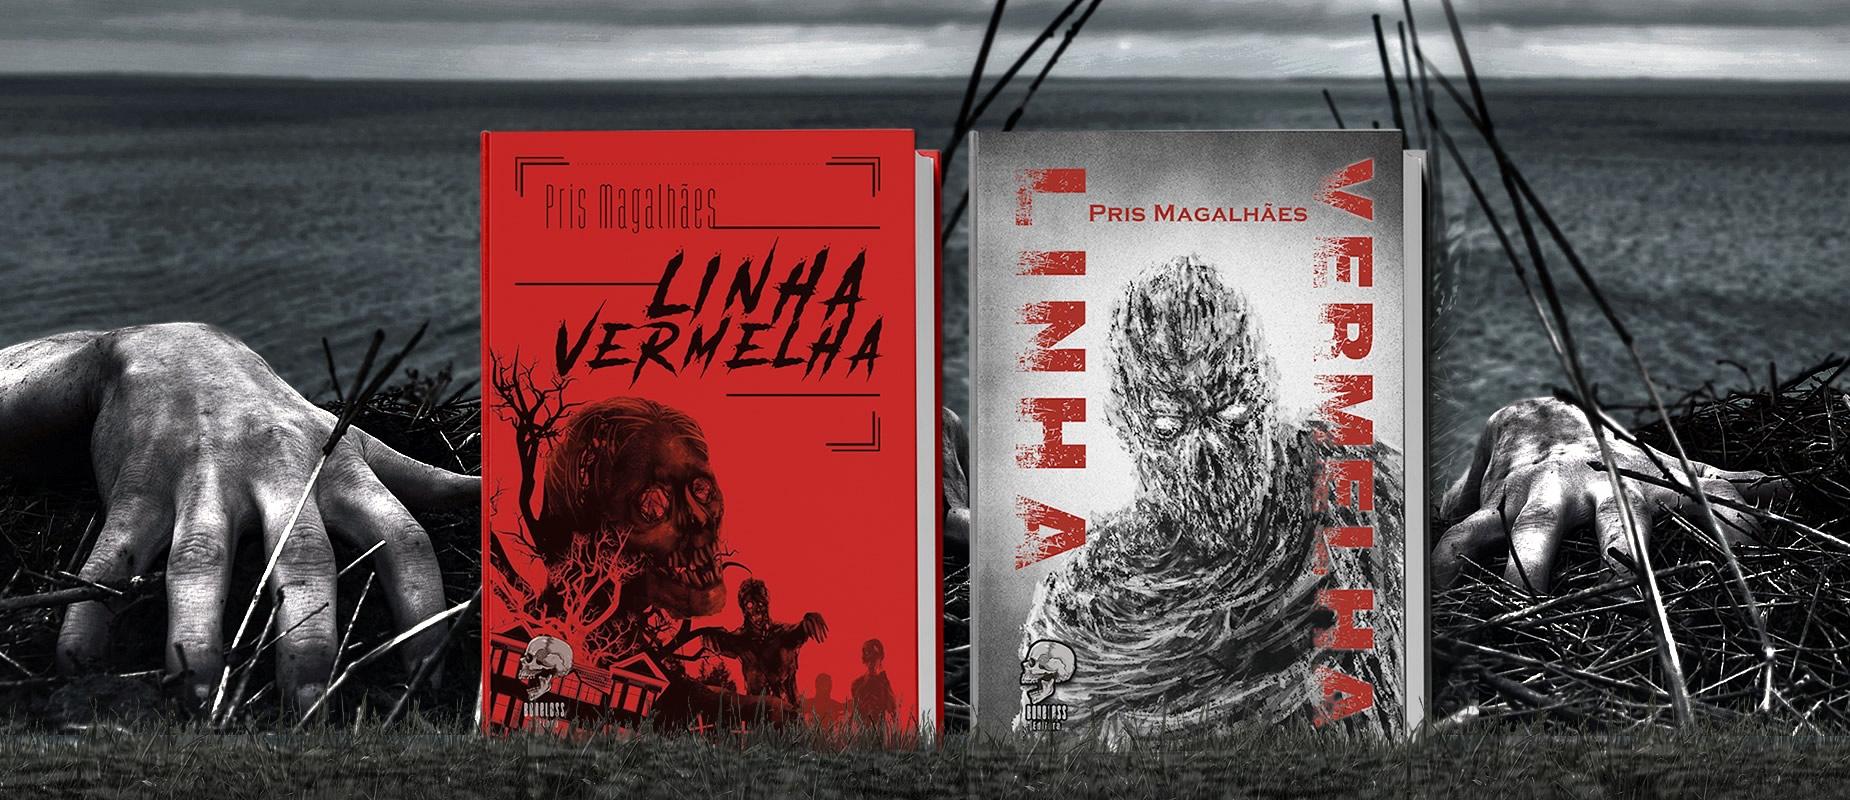 linha vermelha livro terror autora pris magalhaes catarse - Linha Vermelha - Livro de Pris Magalhães em Campanha no Catarse